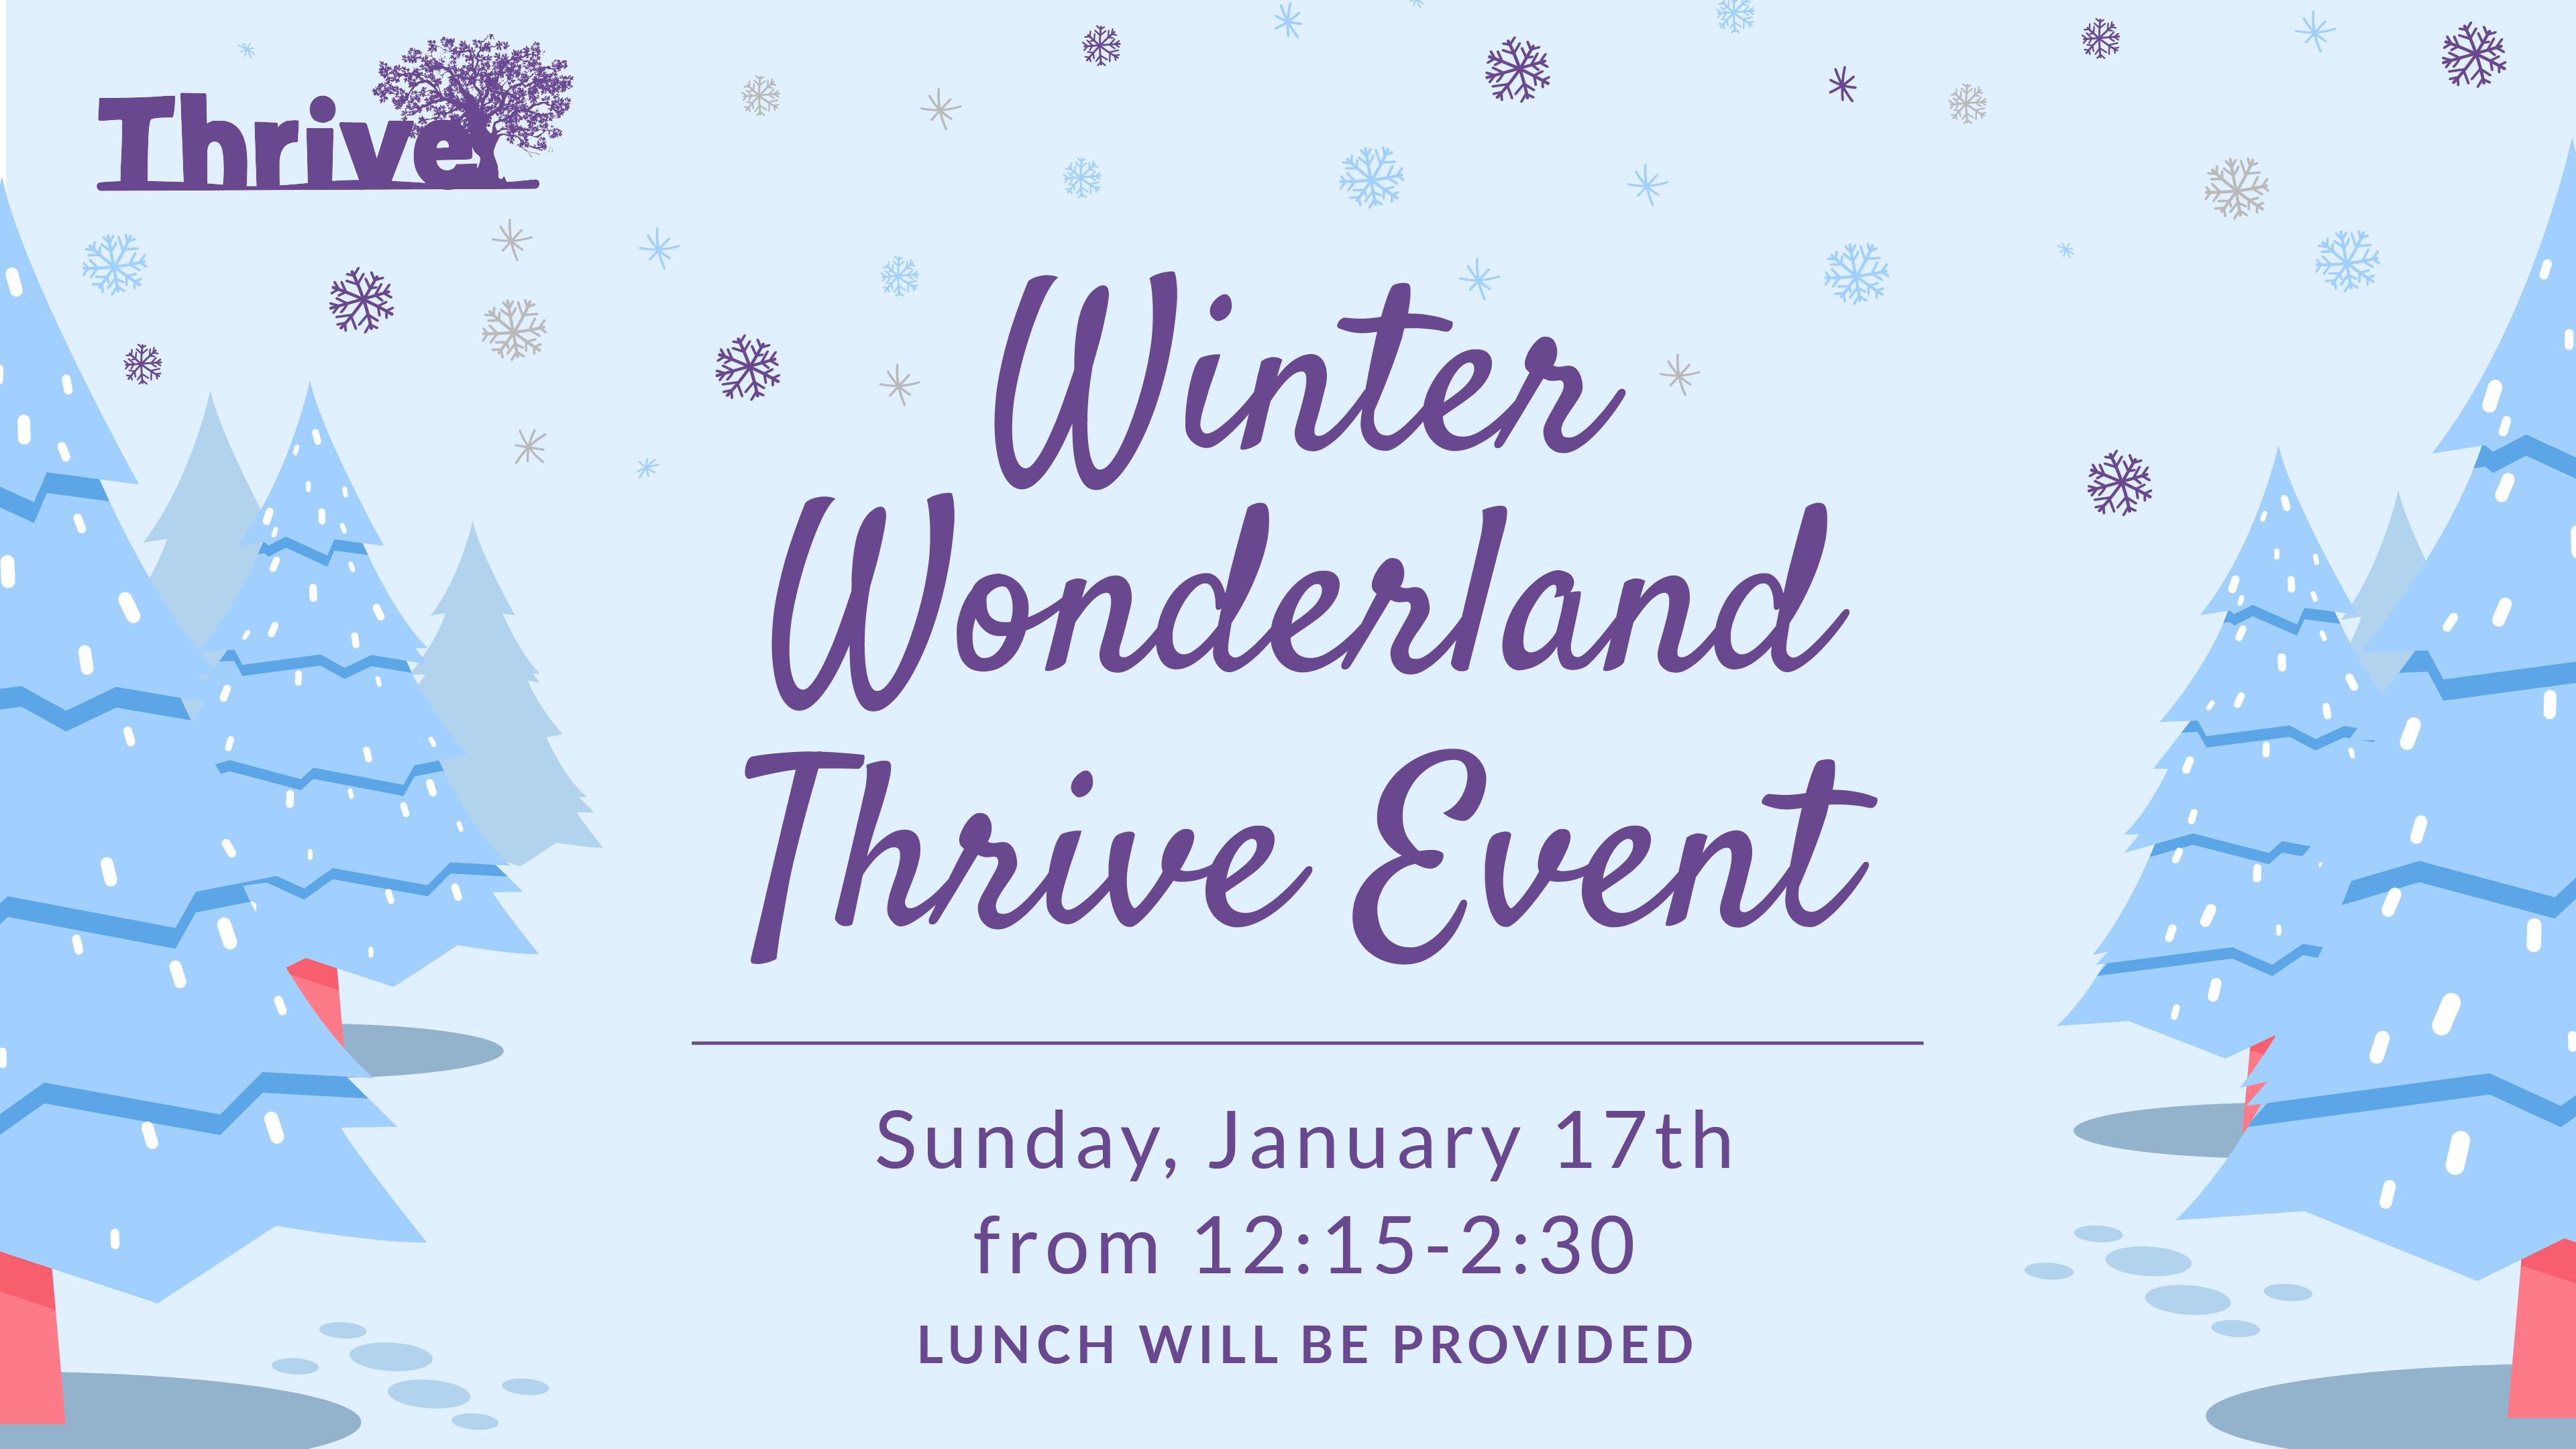 Winter Wonderland Thrive Event